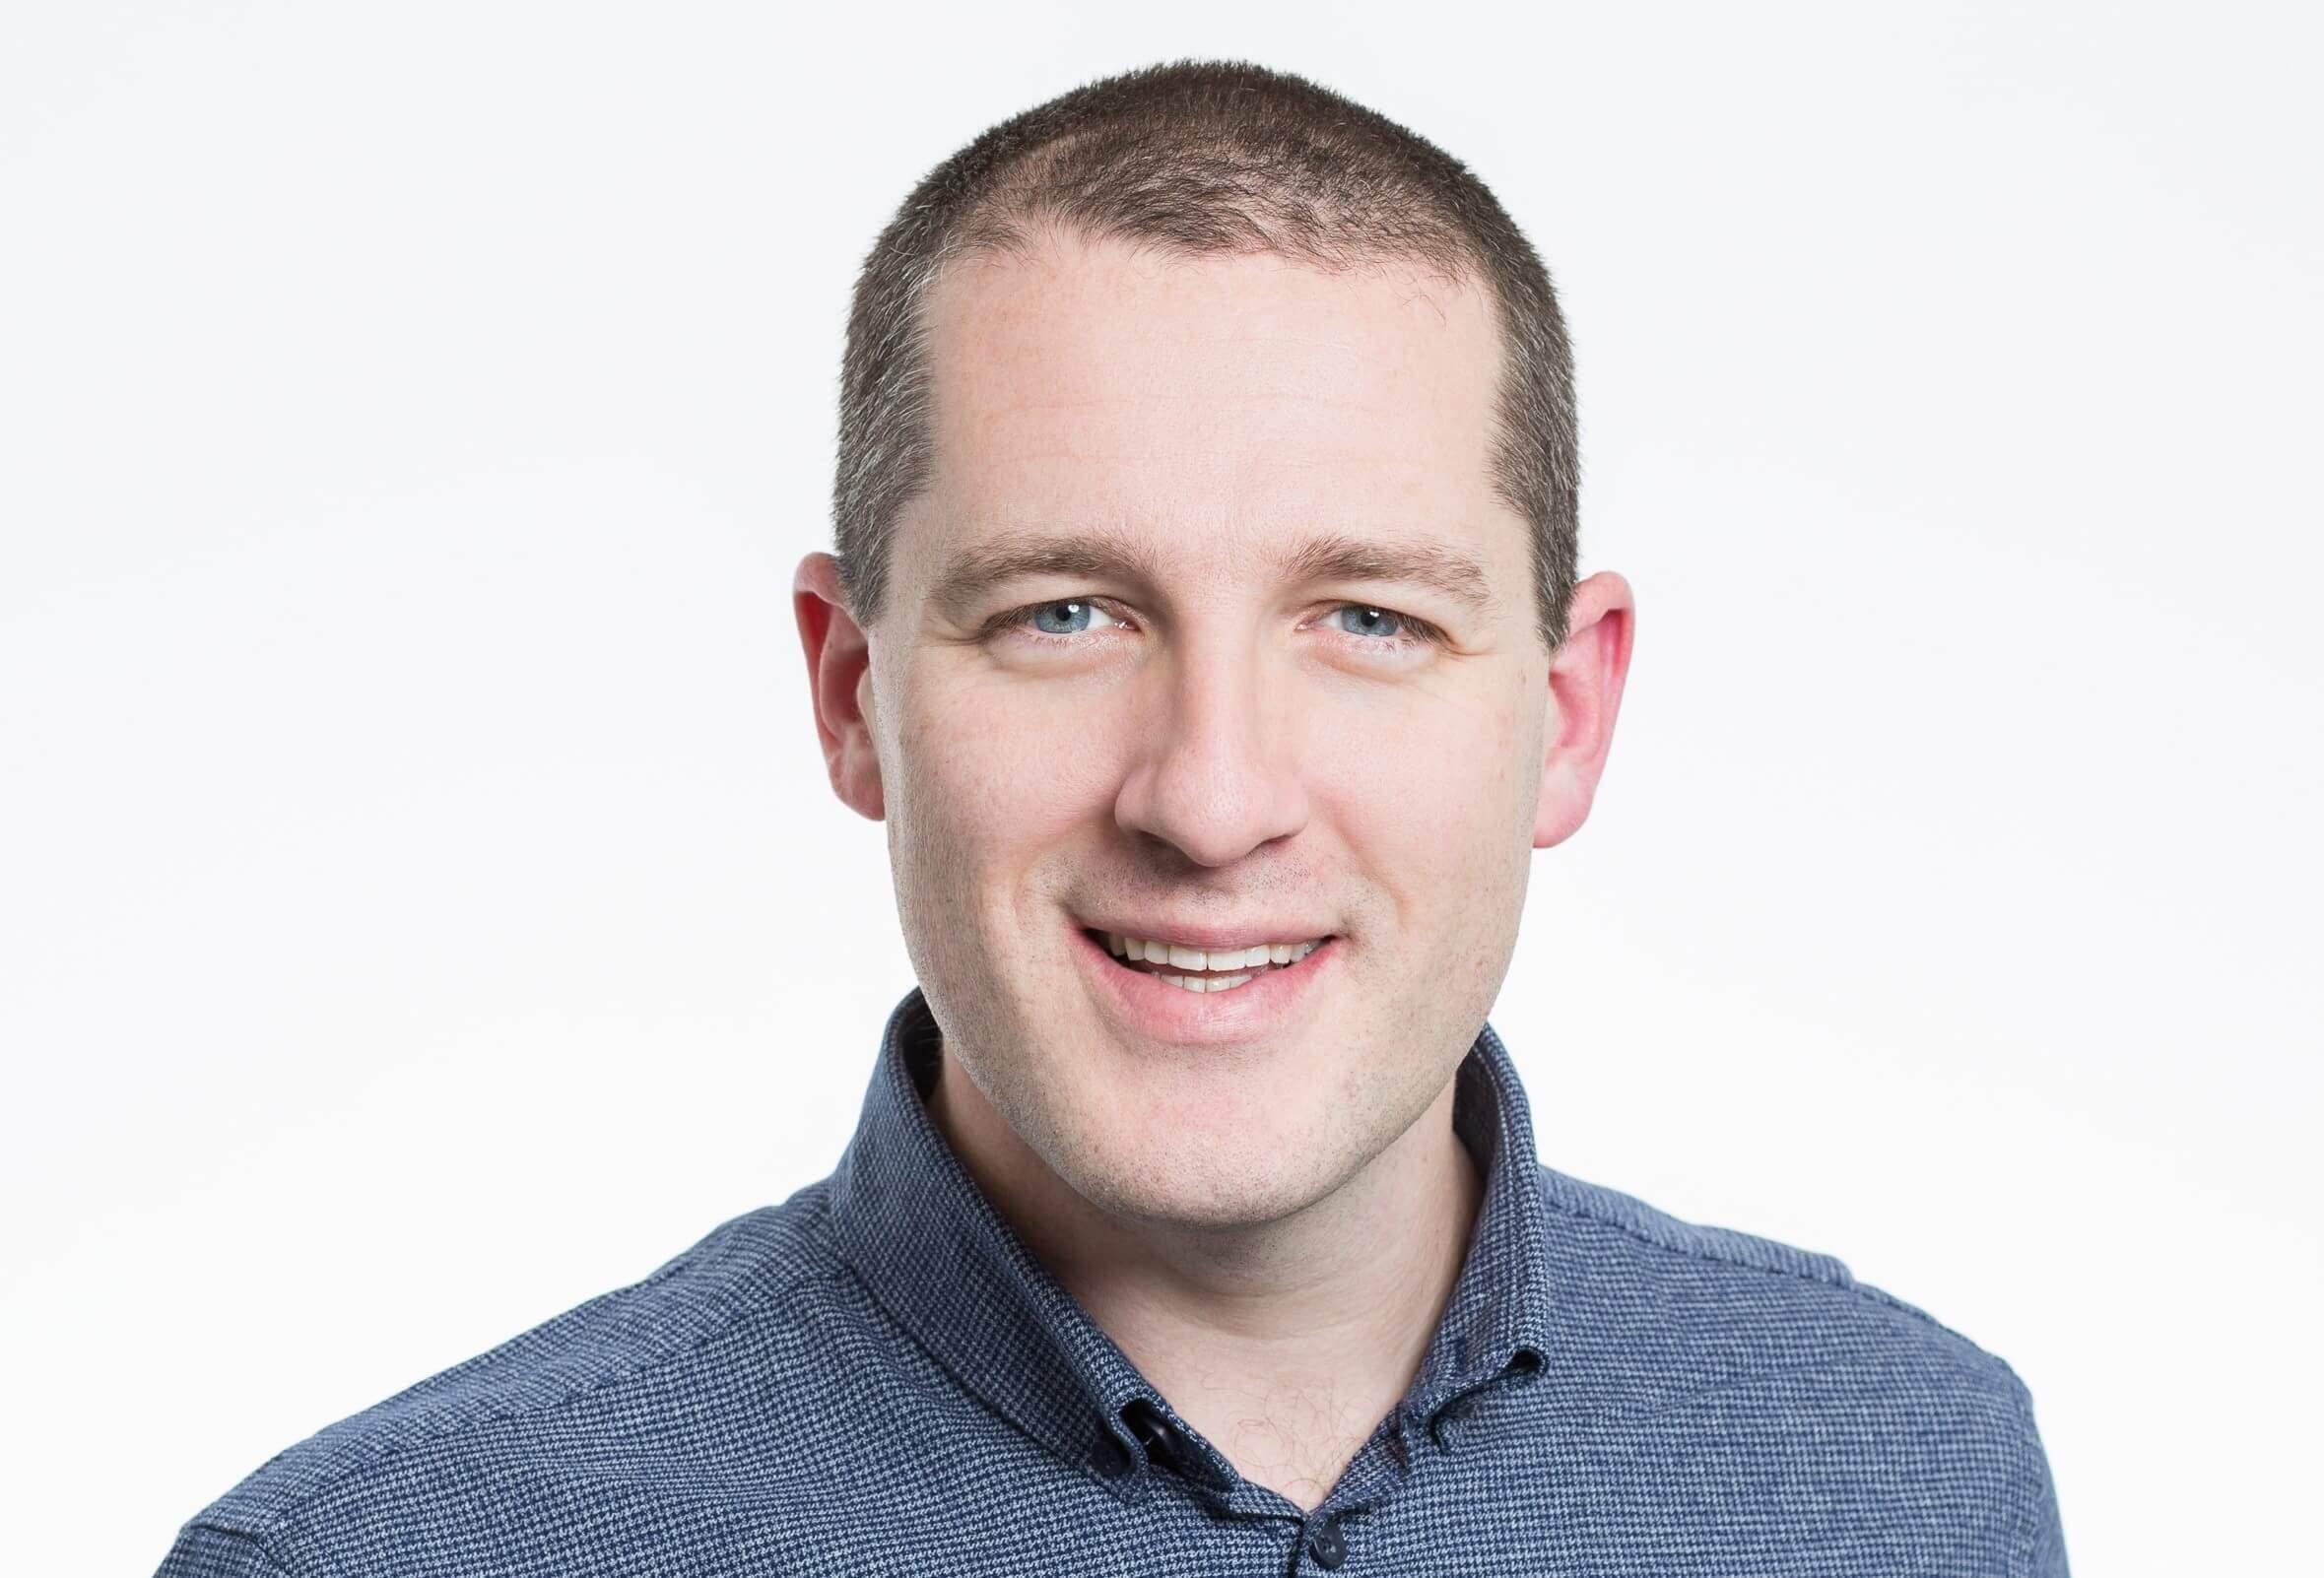 Photo of Matt Hood as Spotlight's Managing Director